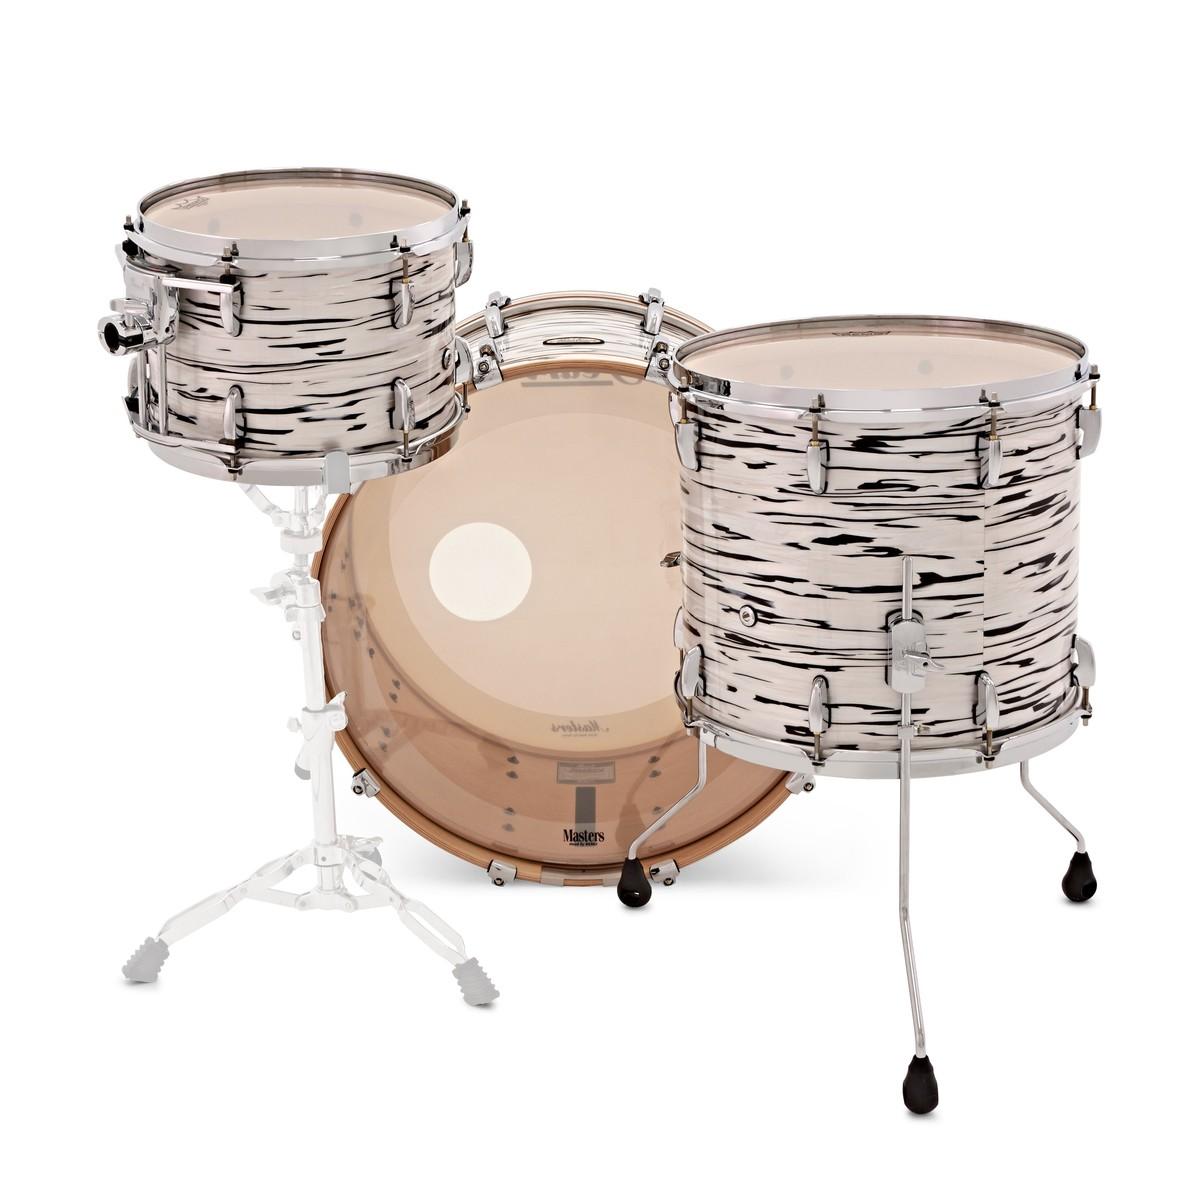 Om musik trummor kan minska smartan